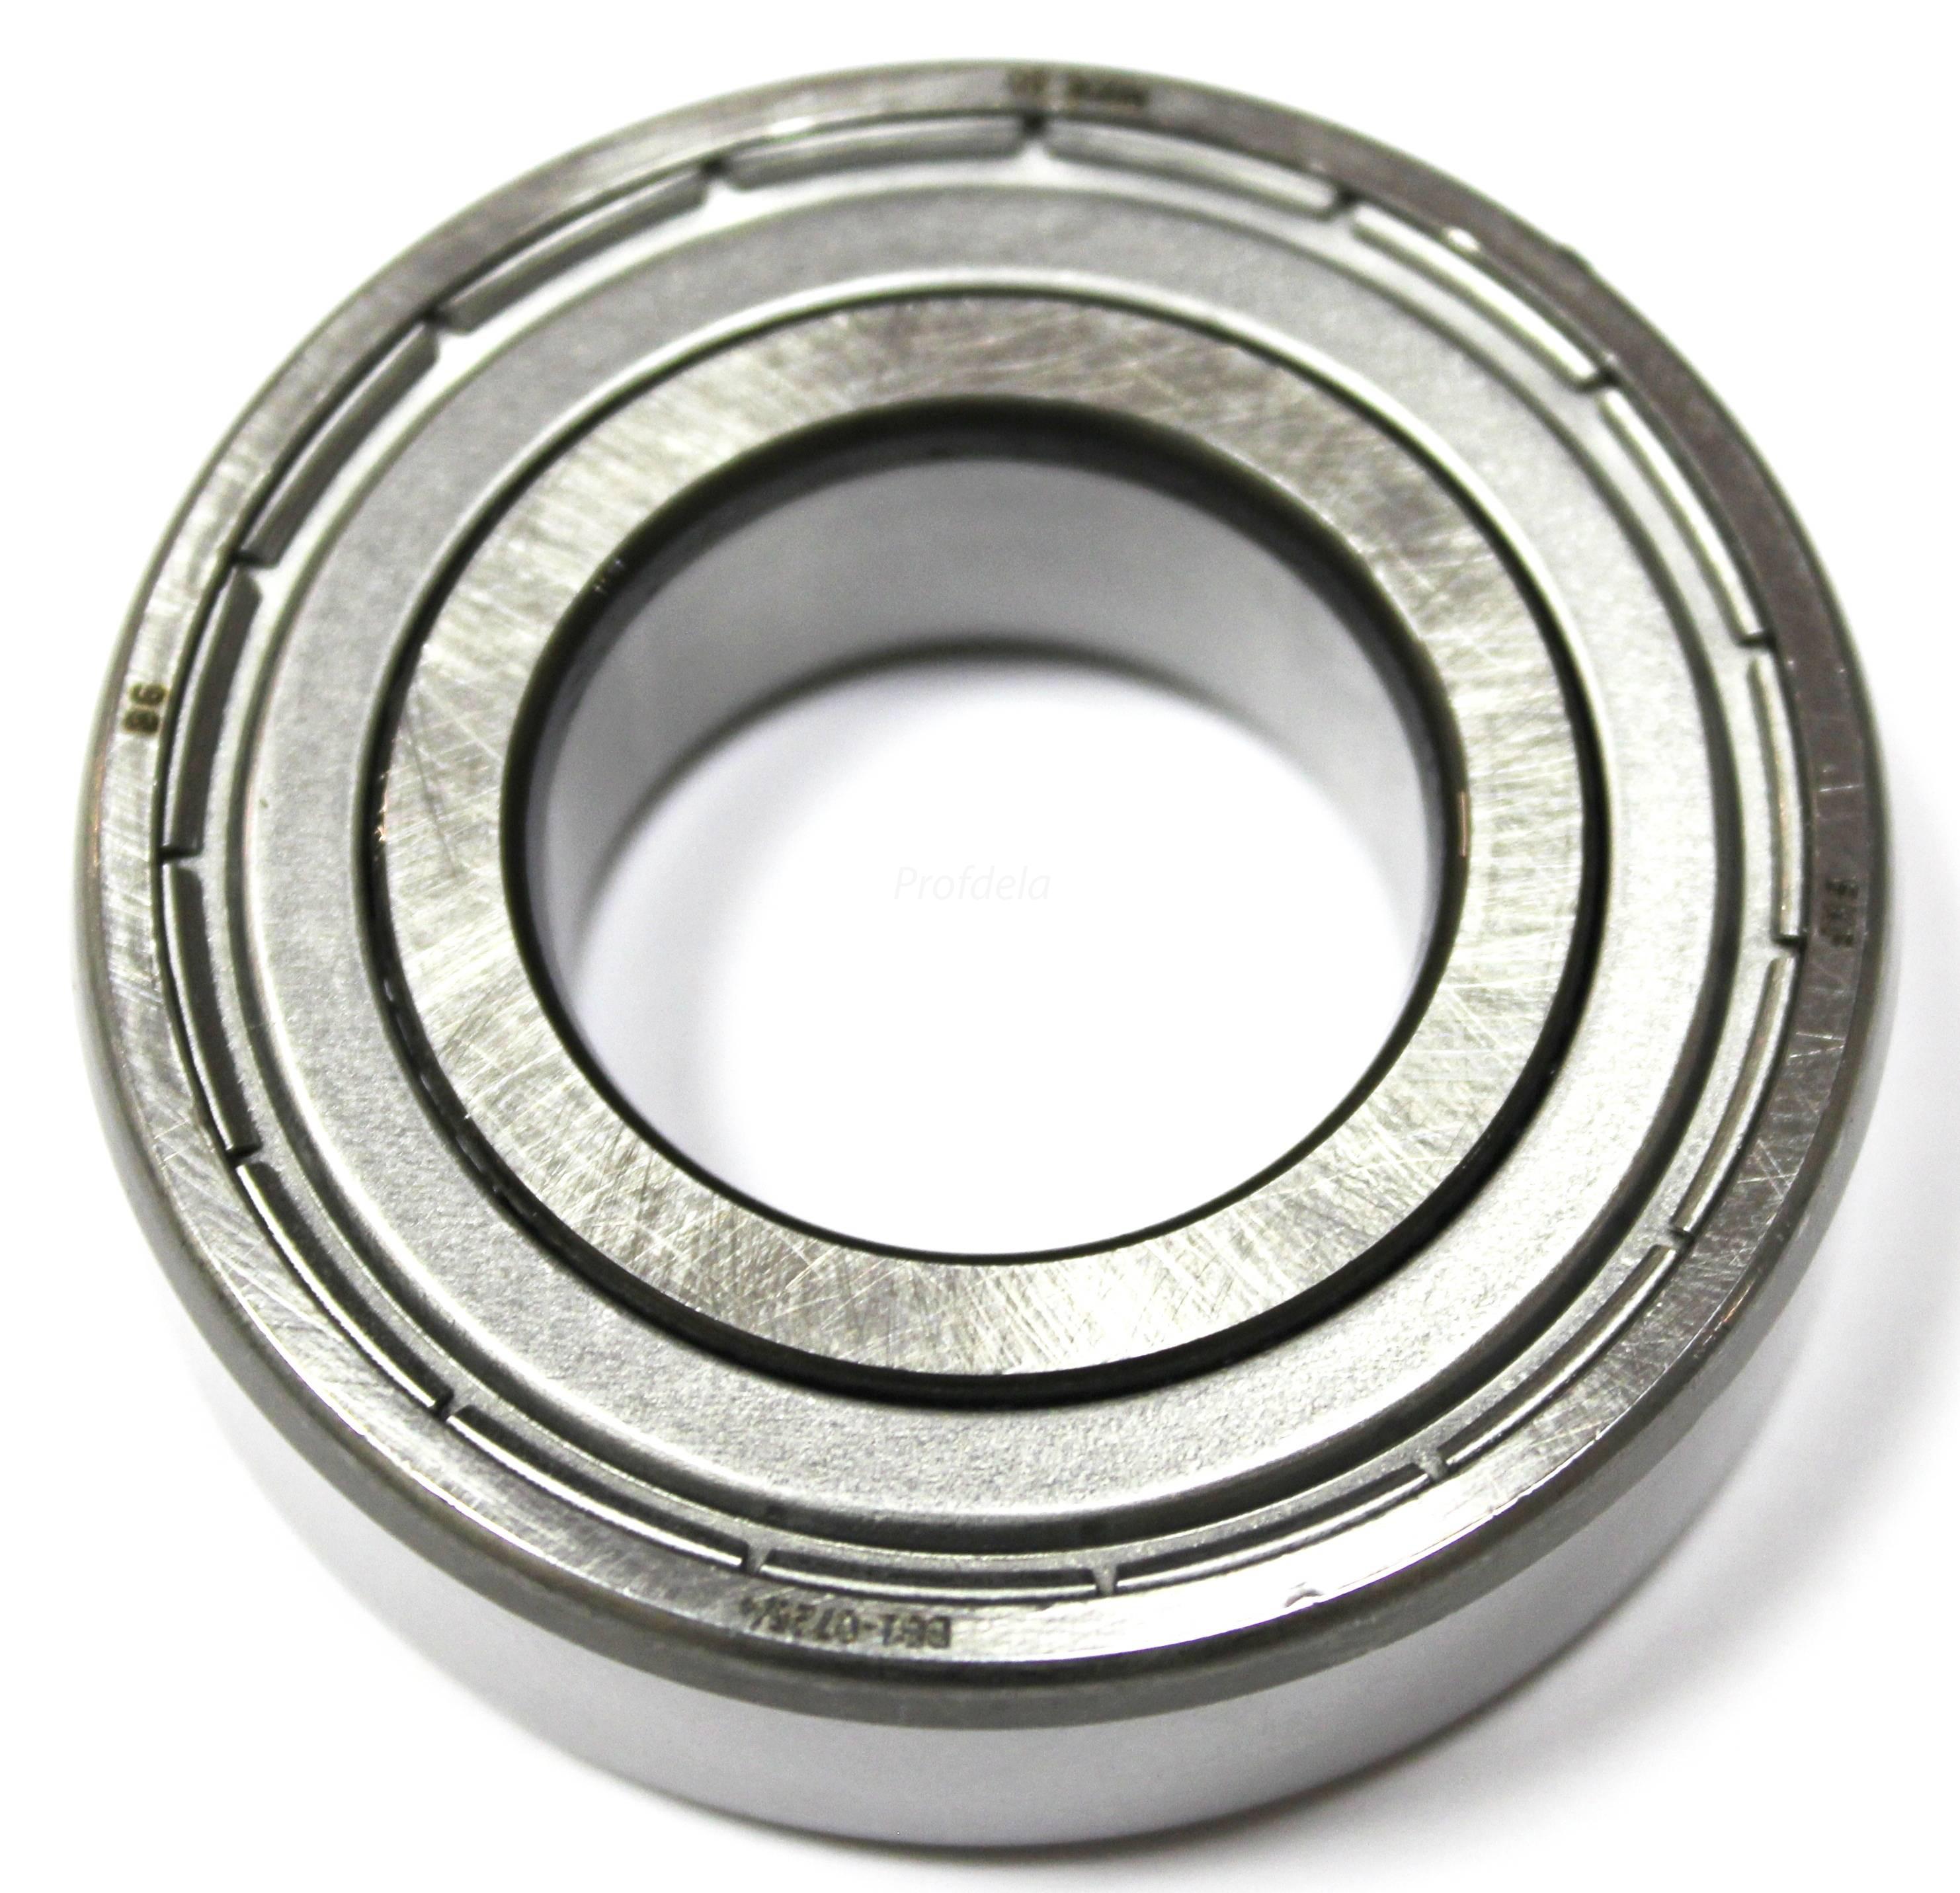 маркировка ZZ (2Z) – металлические шайбы с двух сторон